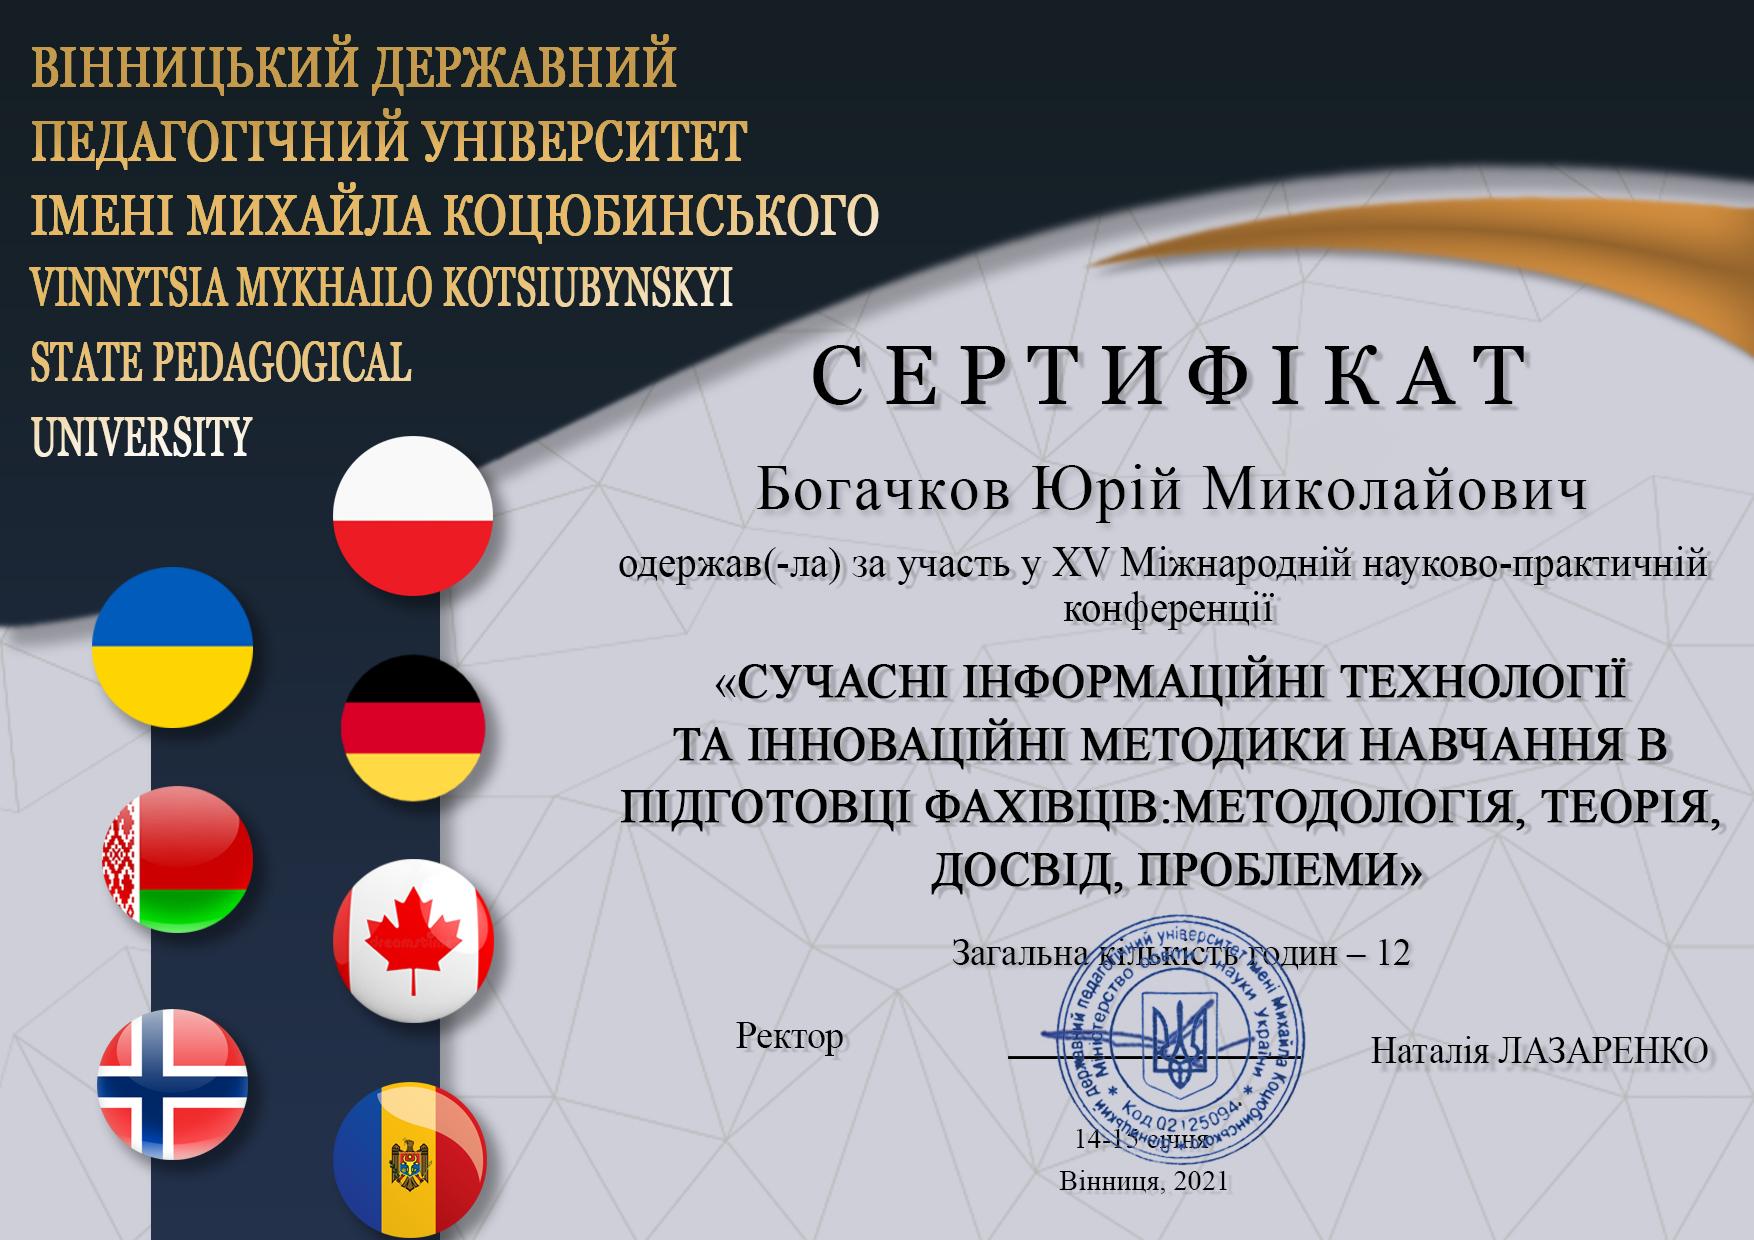 Богачков Юрій Миколайович